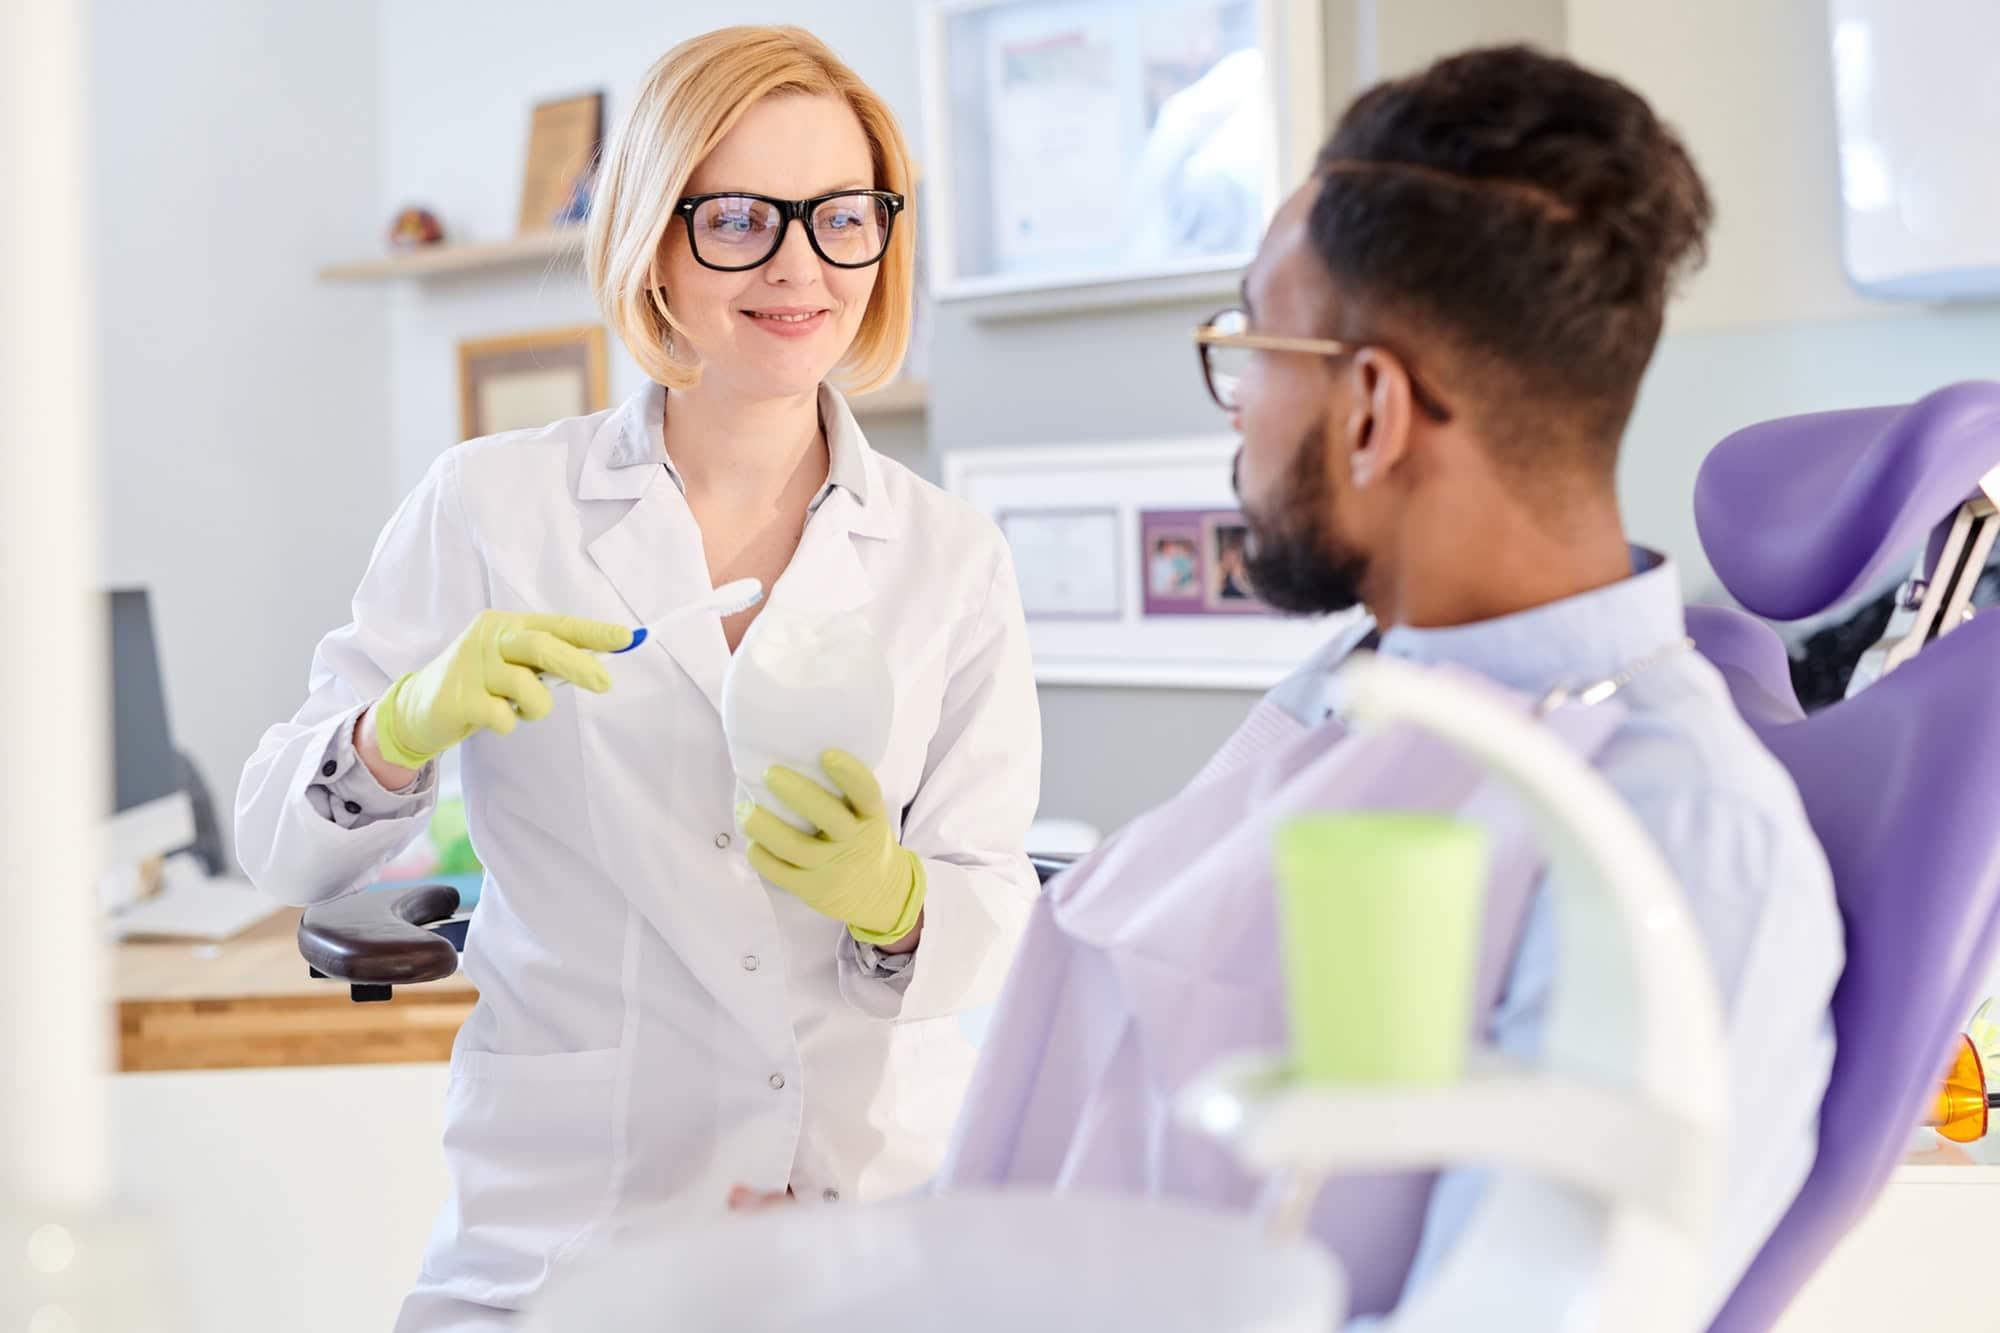 Female Dentist Explaining Hygiene Rules